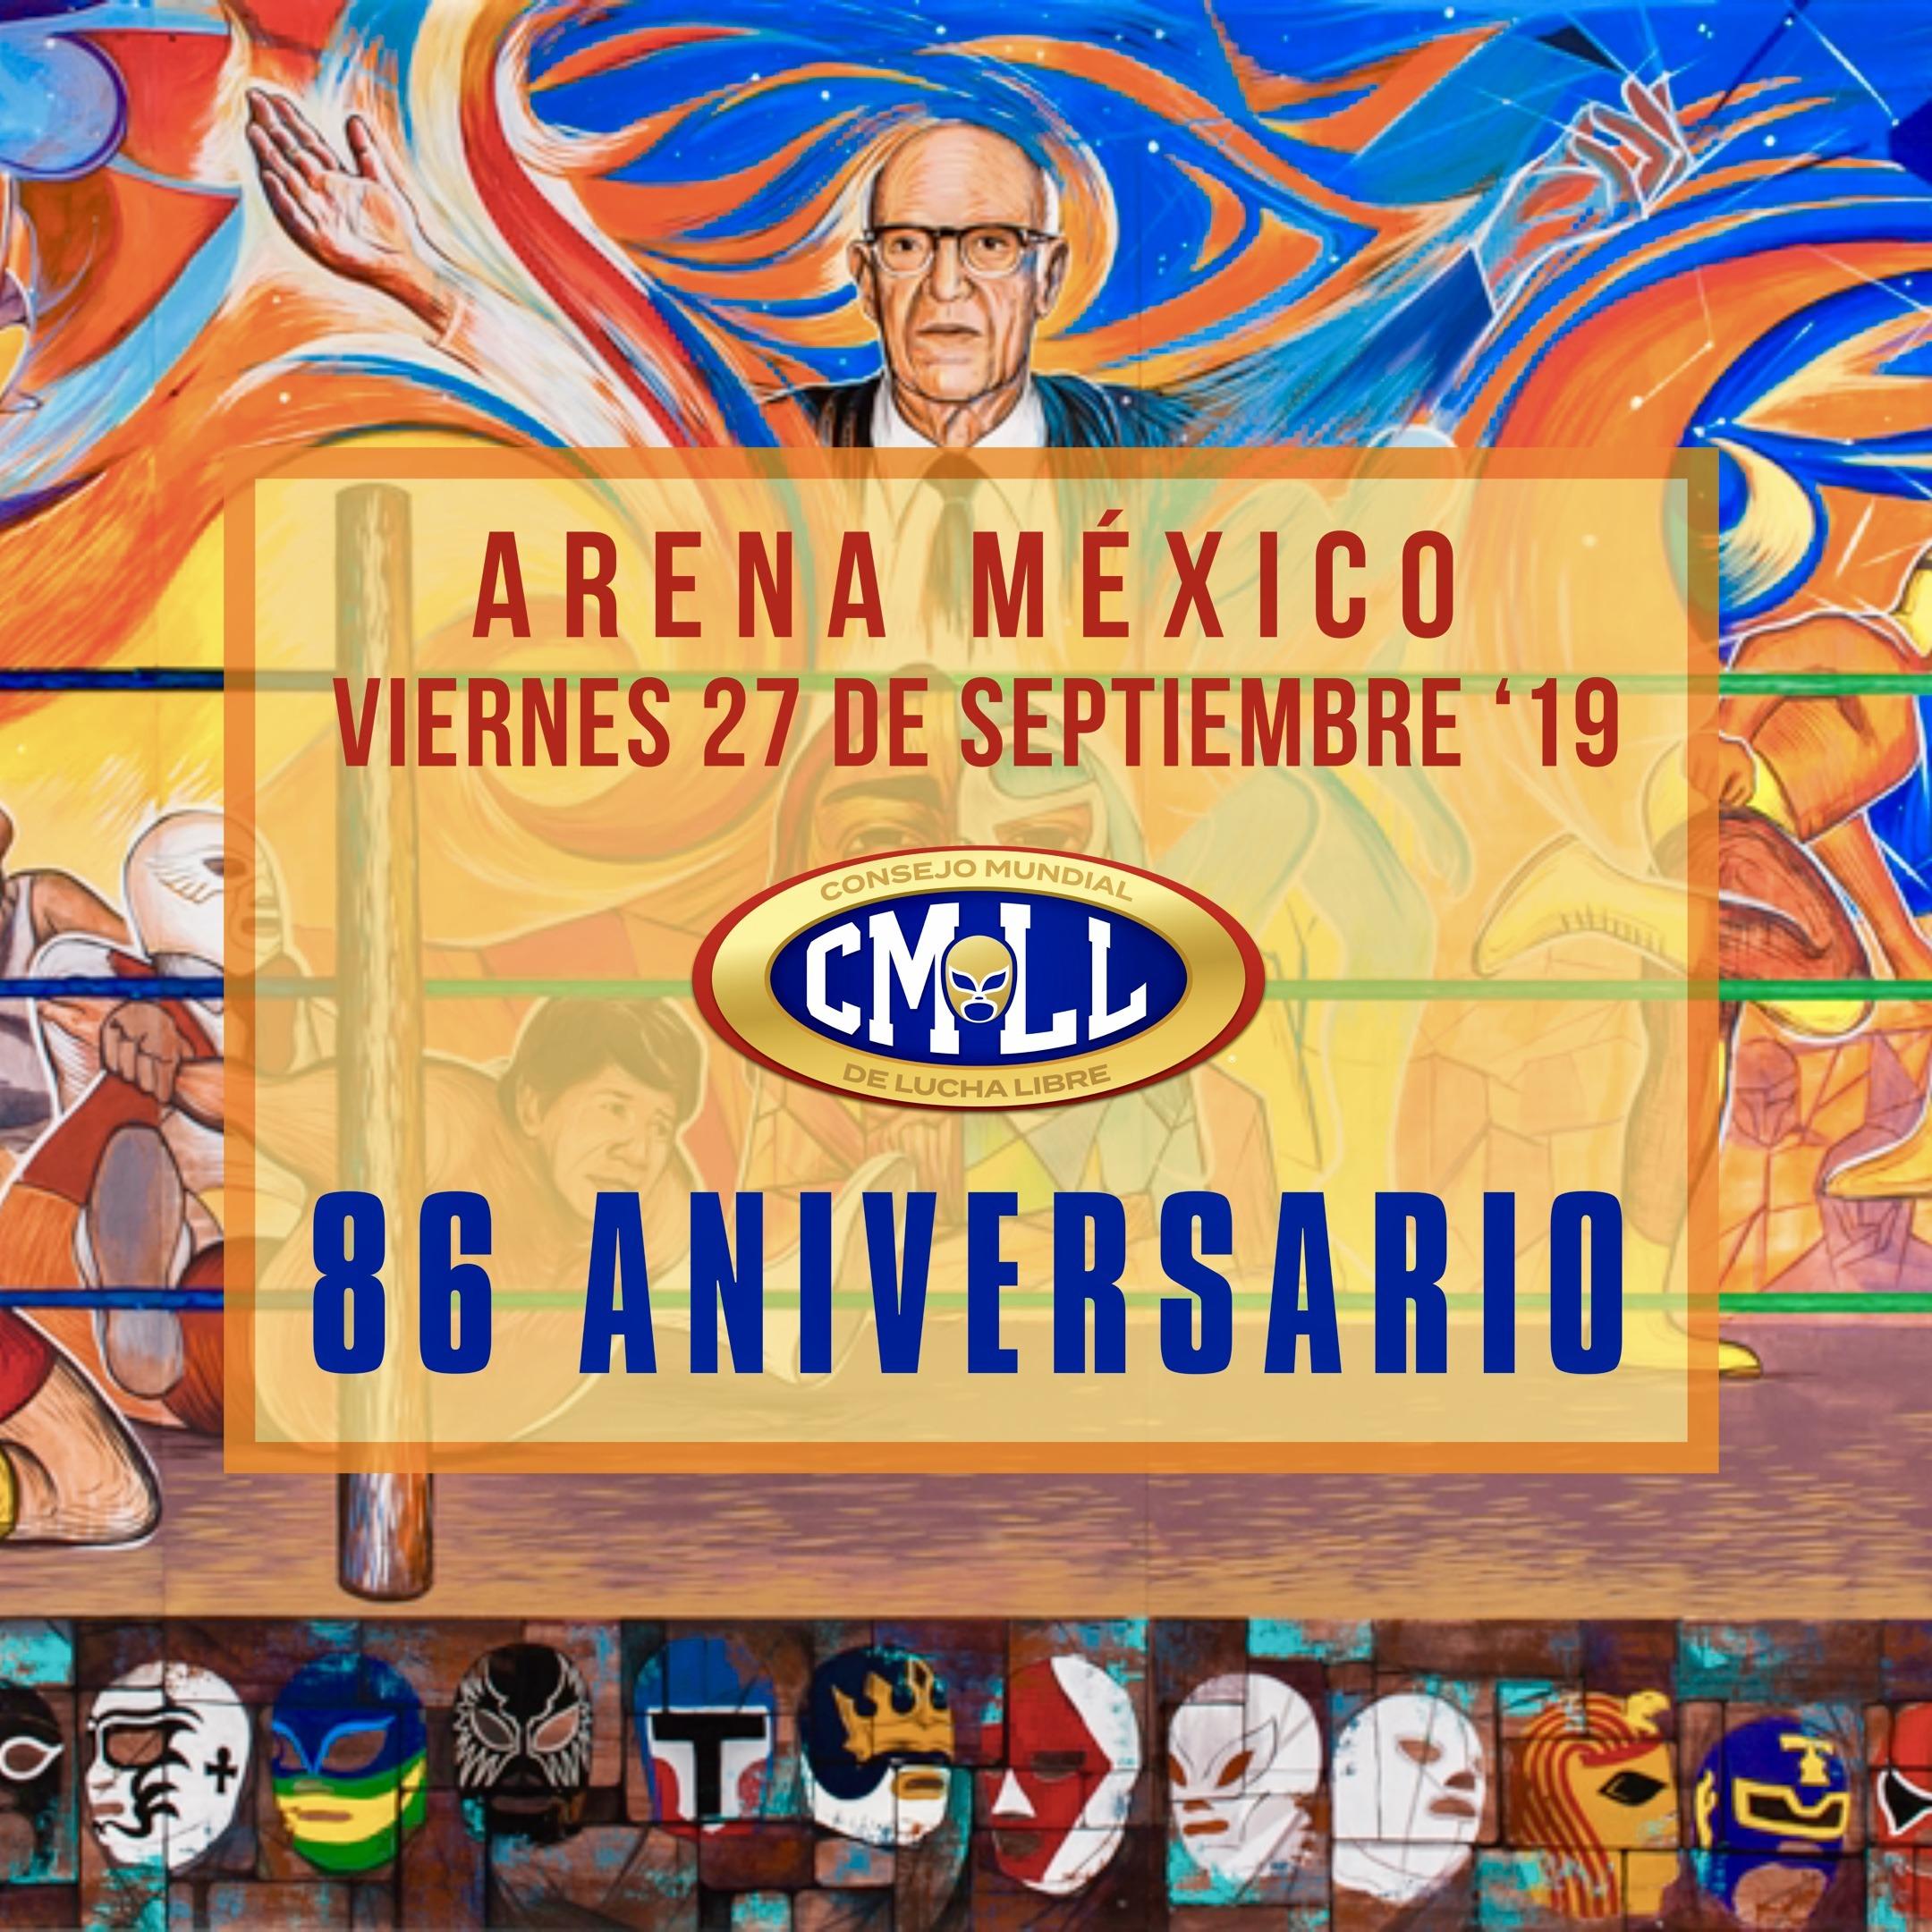 Aniversario 86 CMLL: horario y dónde ver la lucha estelar en jaula